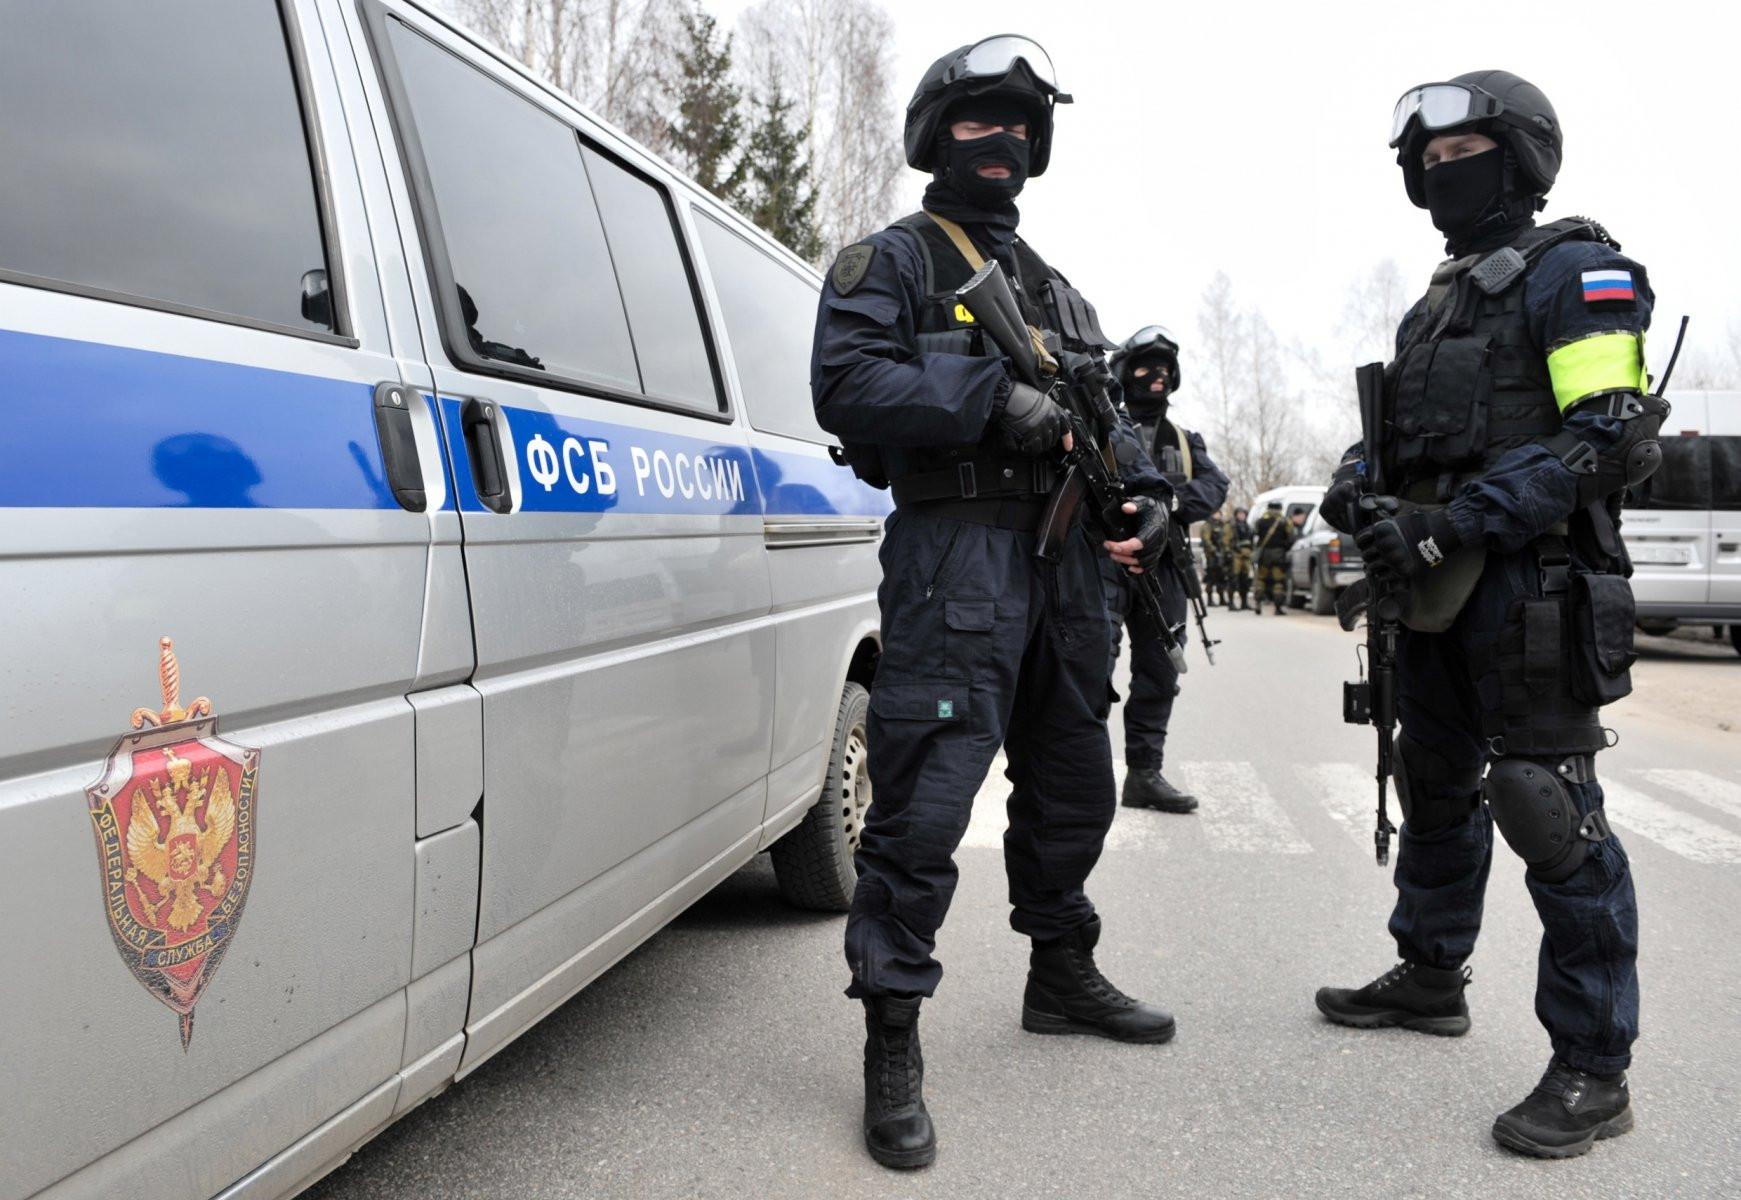 ФСБ возьмет под контроль наружку и прослушку МВД